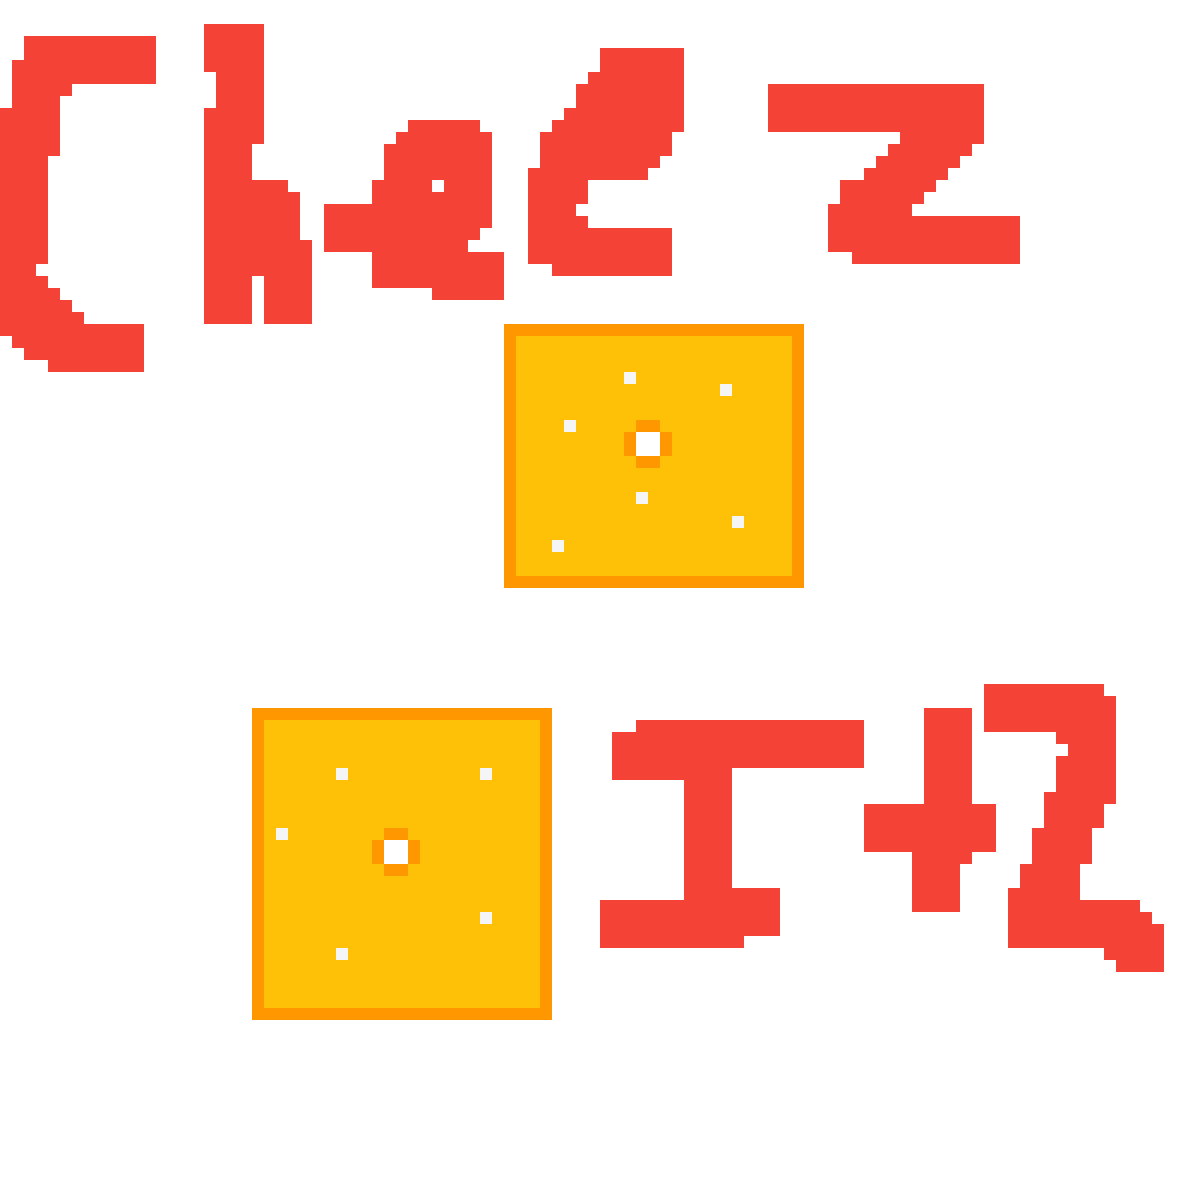 Pixilart - OMG! ITZ DA CHEEZ ITZ! by Polo1147